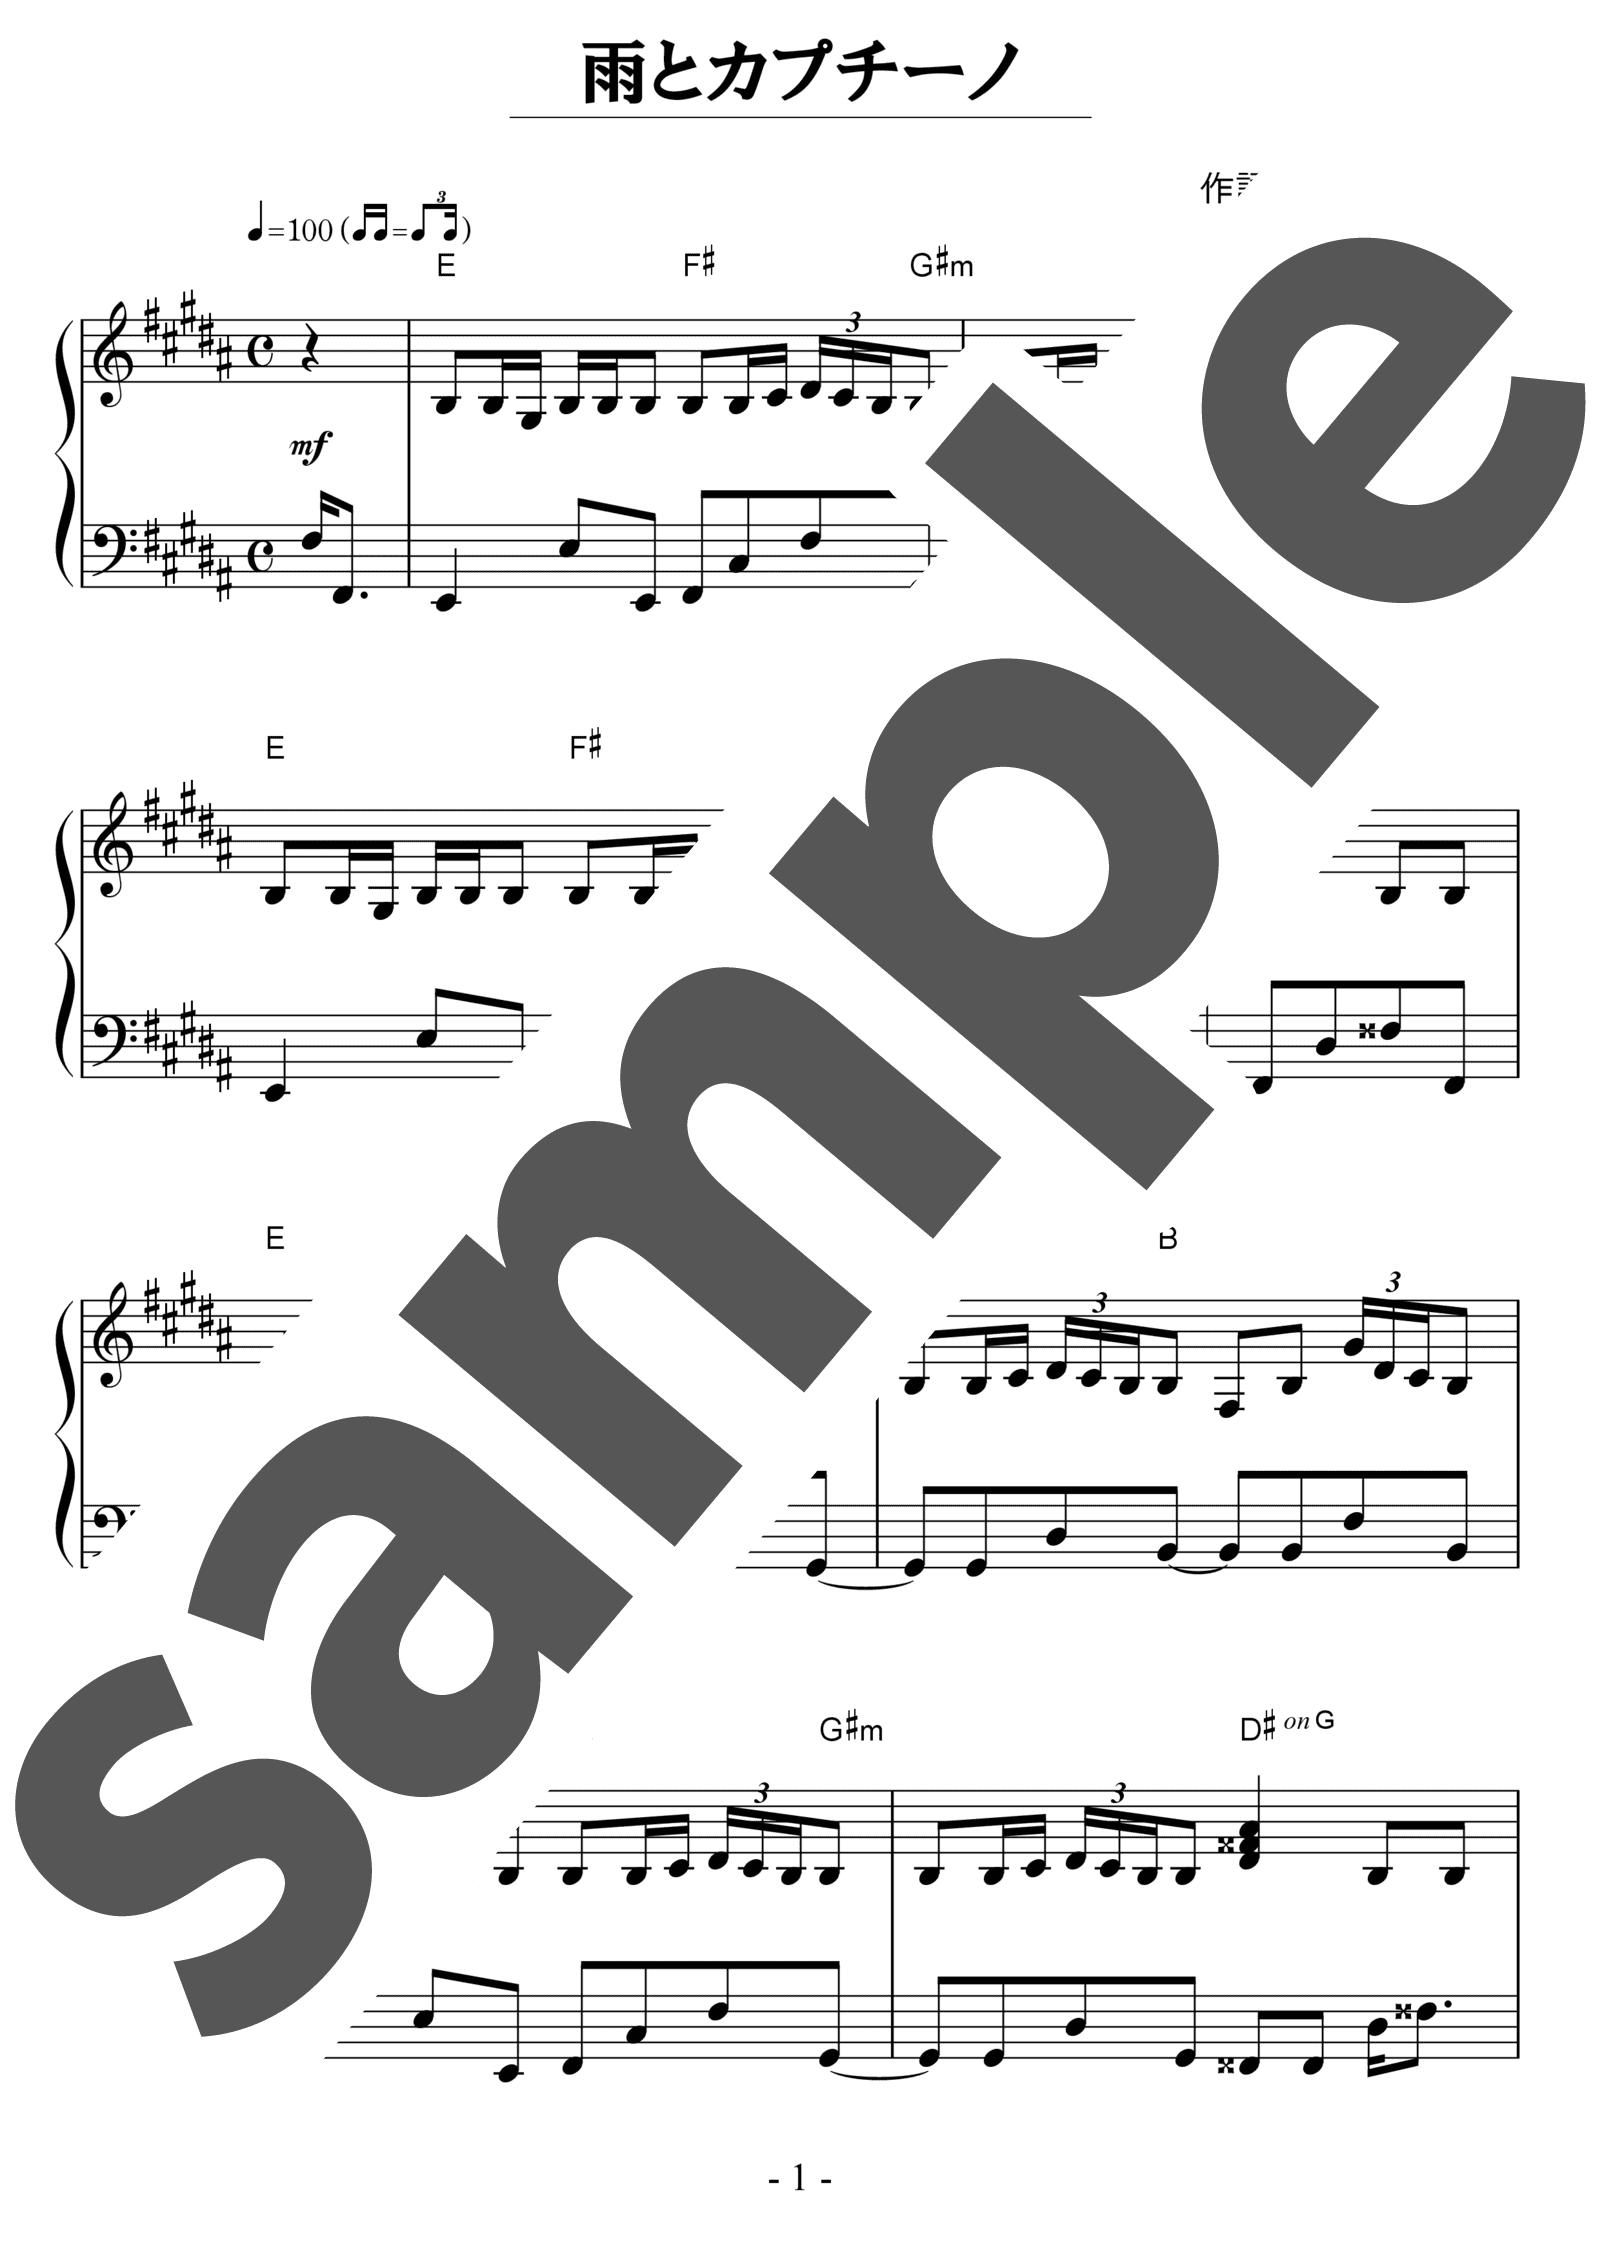 「雨とカプチーノ」のサンプル楽譜